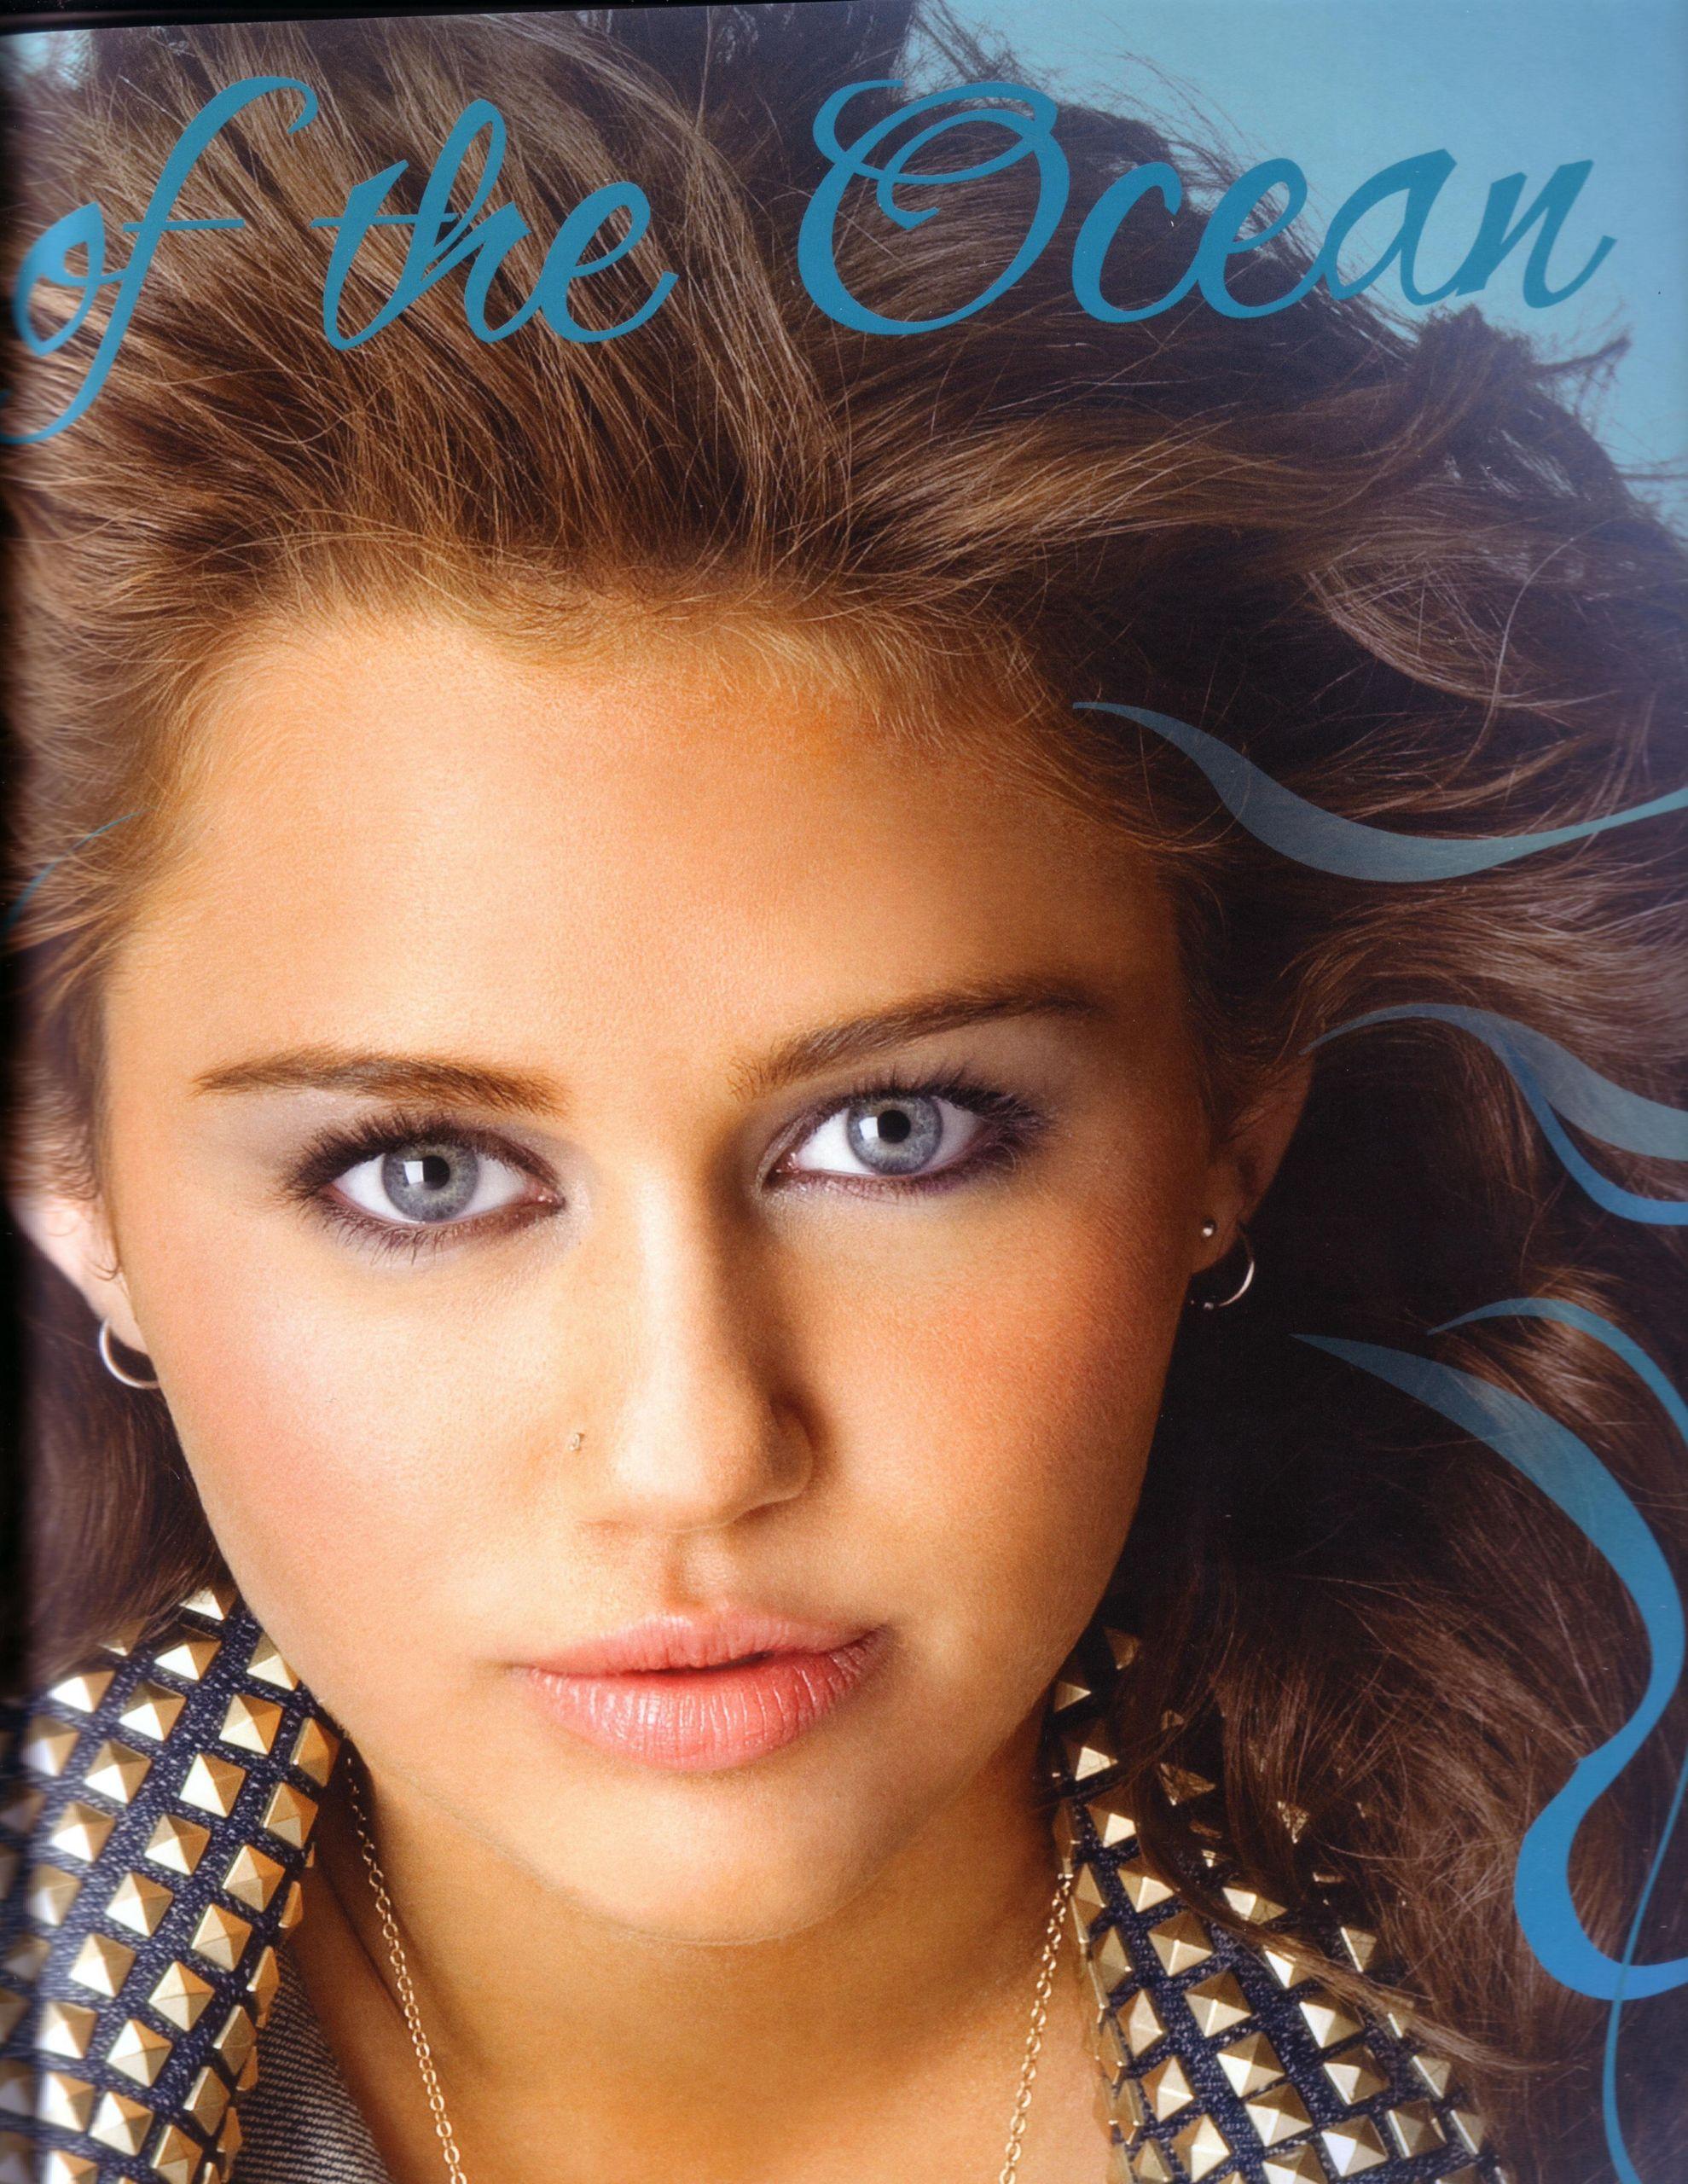 Miley Cyrus miley